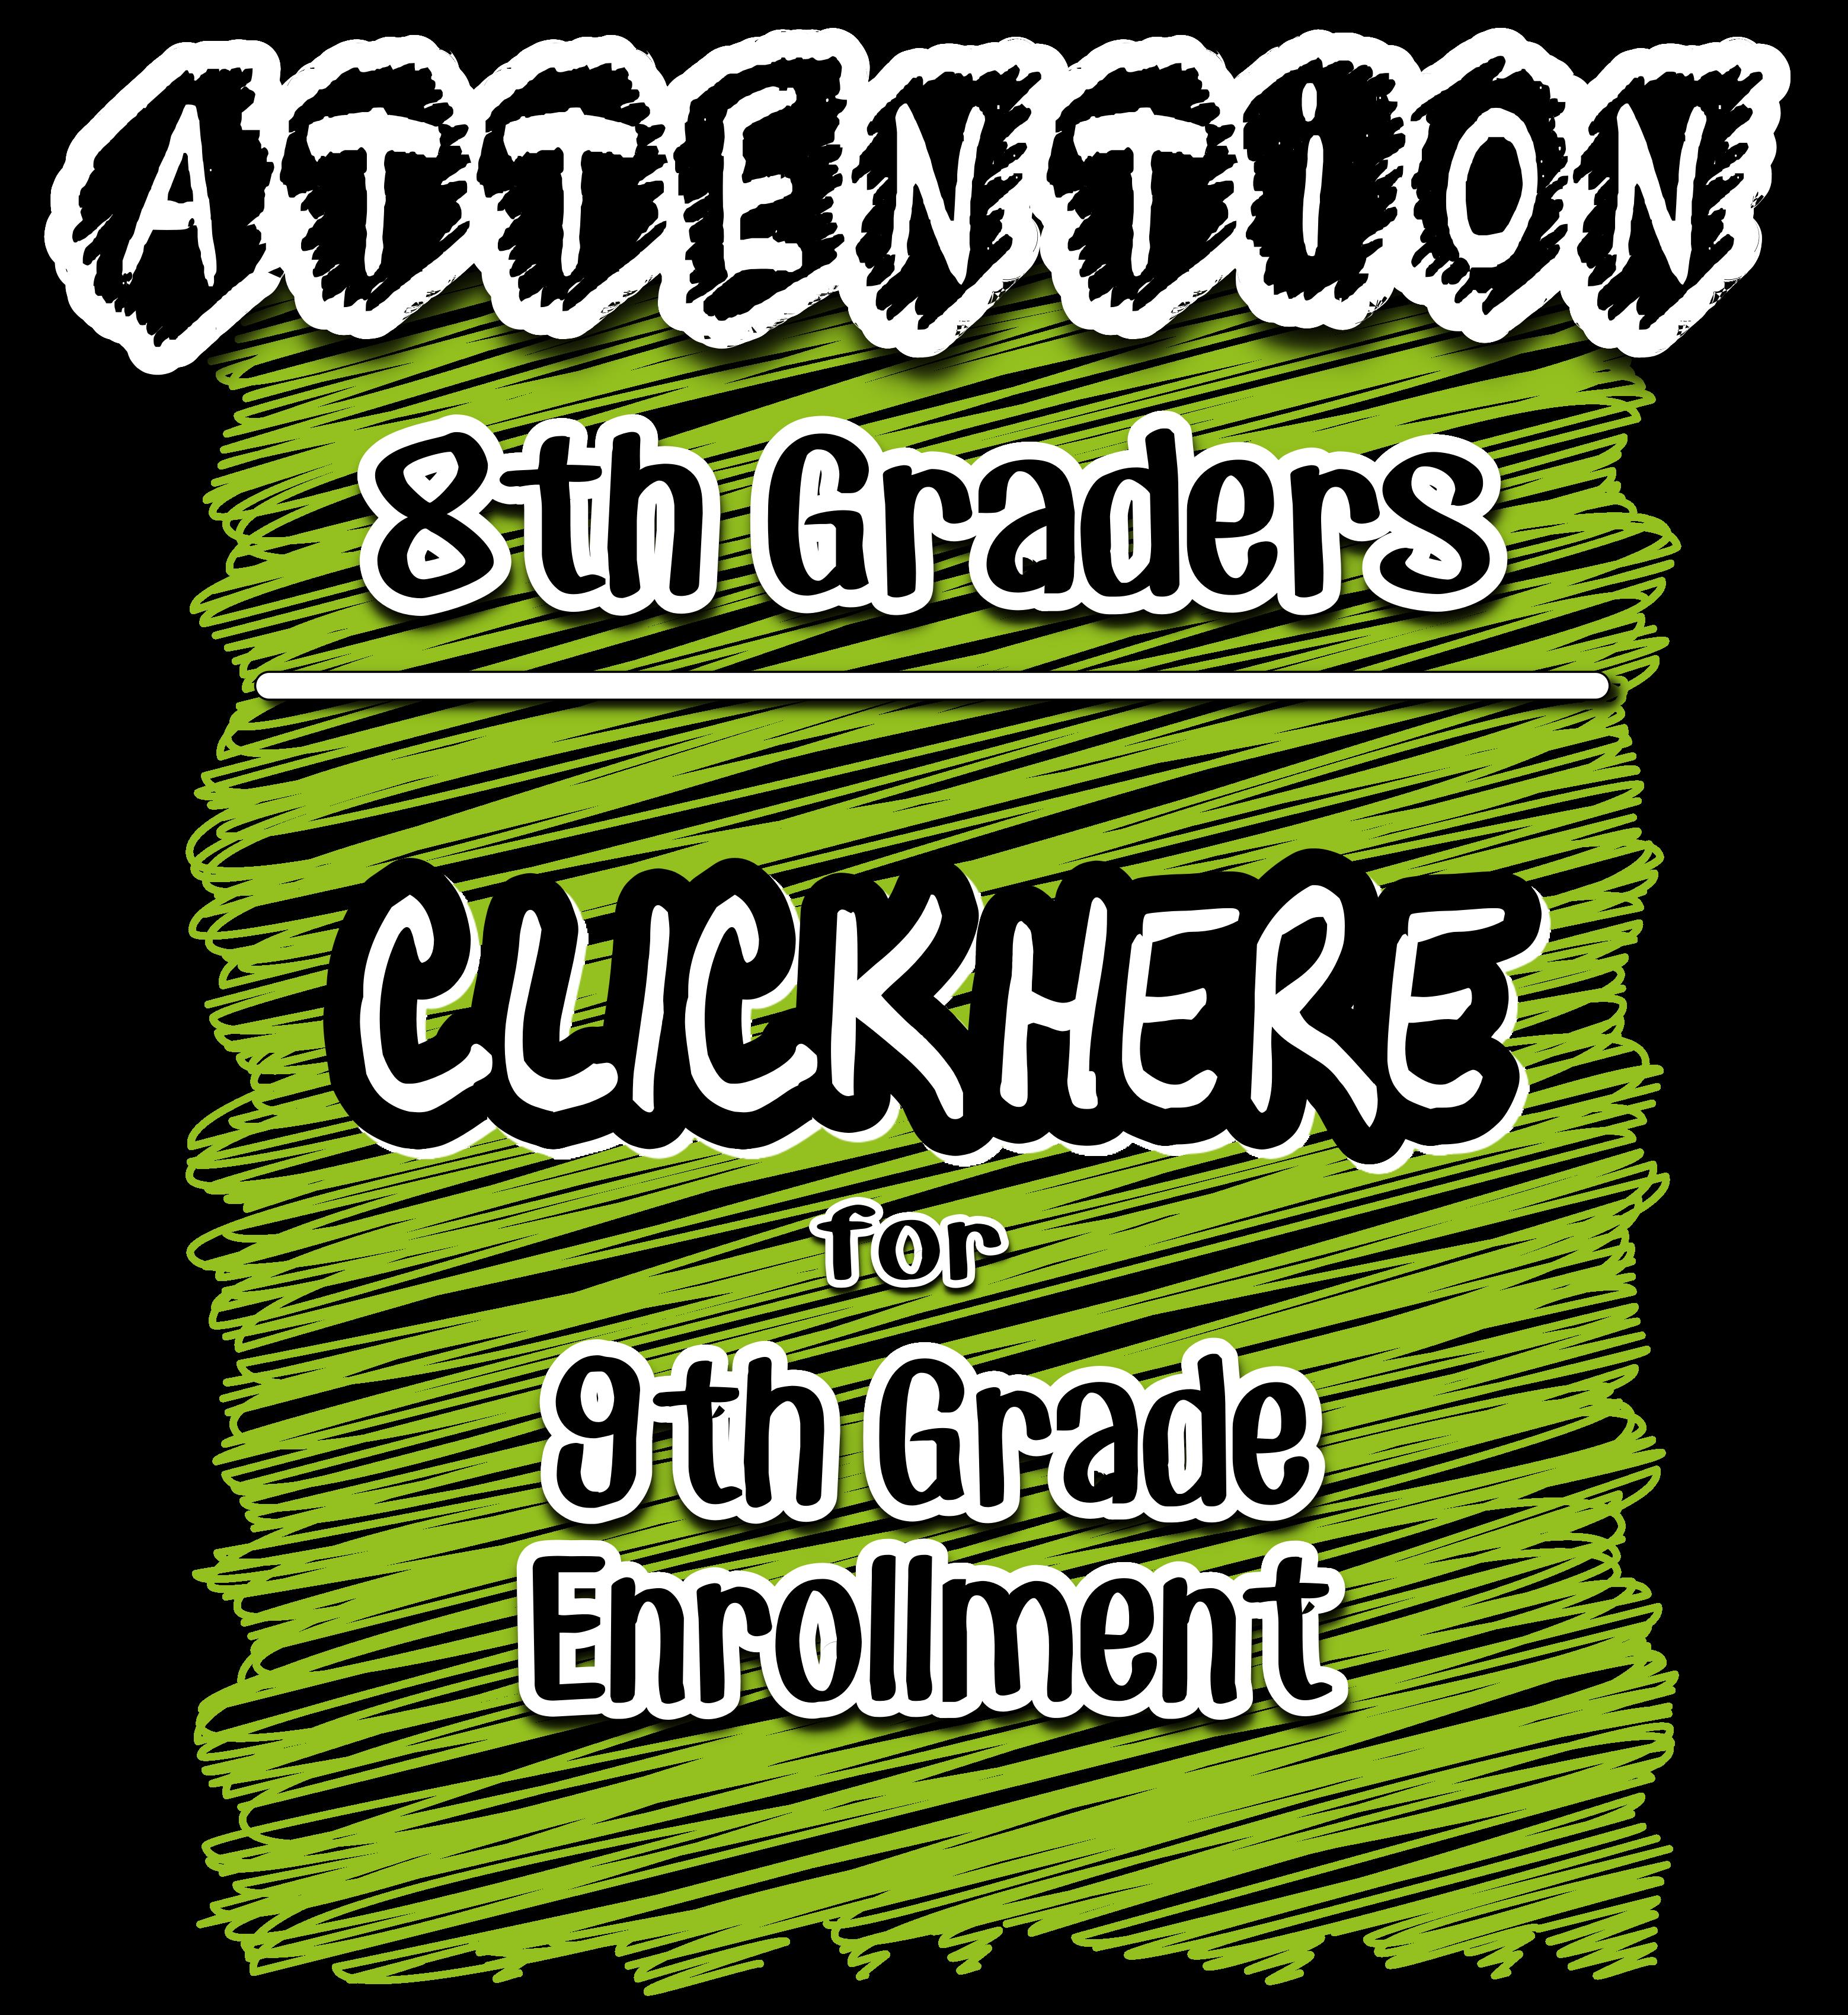 9th Grade Enrollment Form